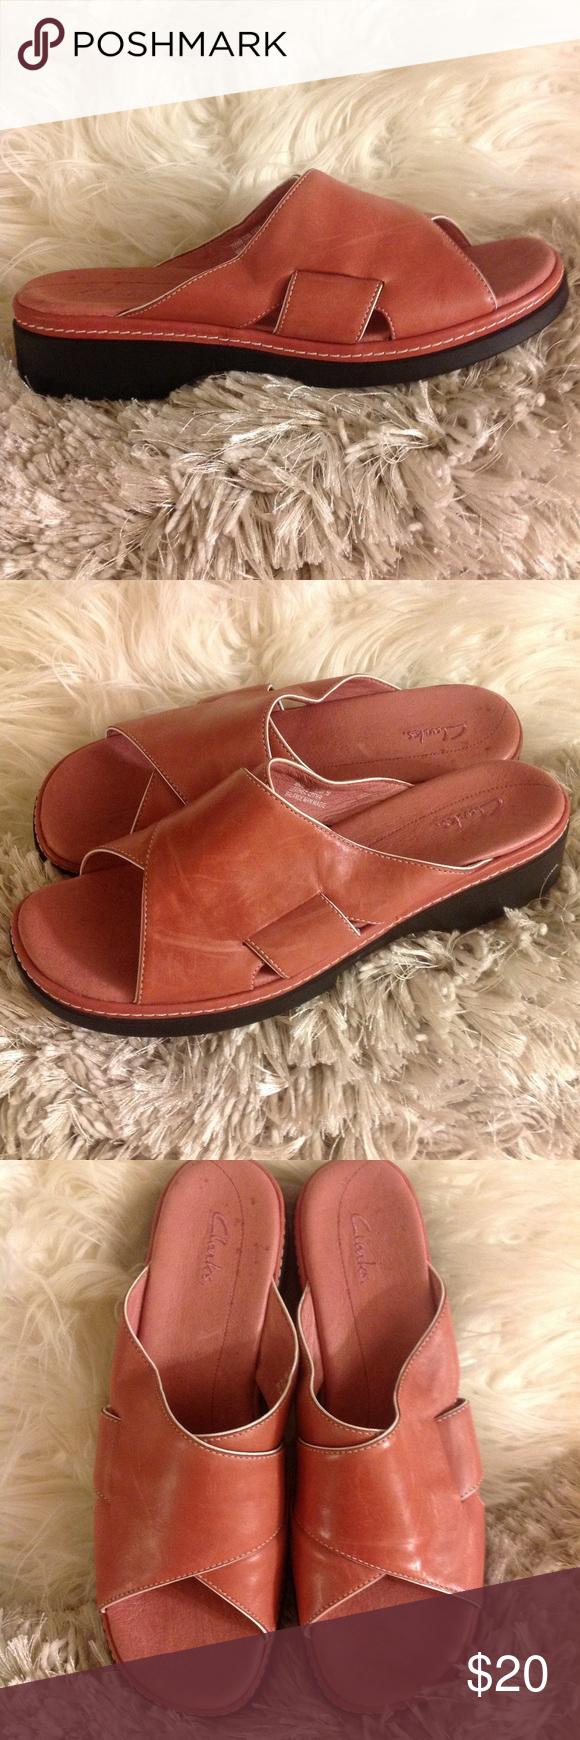 Clarks Rose Pink Leather Slip On Comfort Sandal 11 Clarks